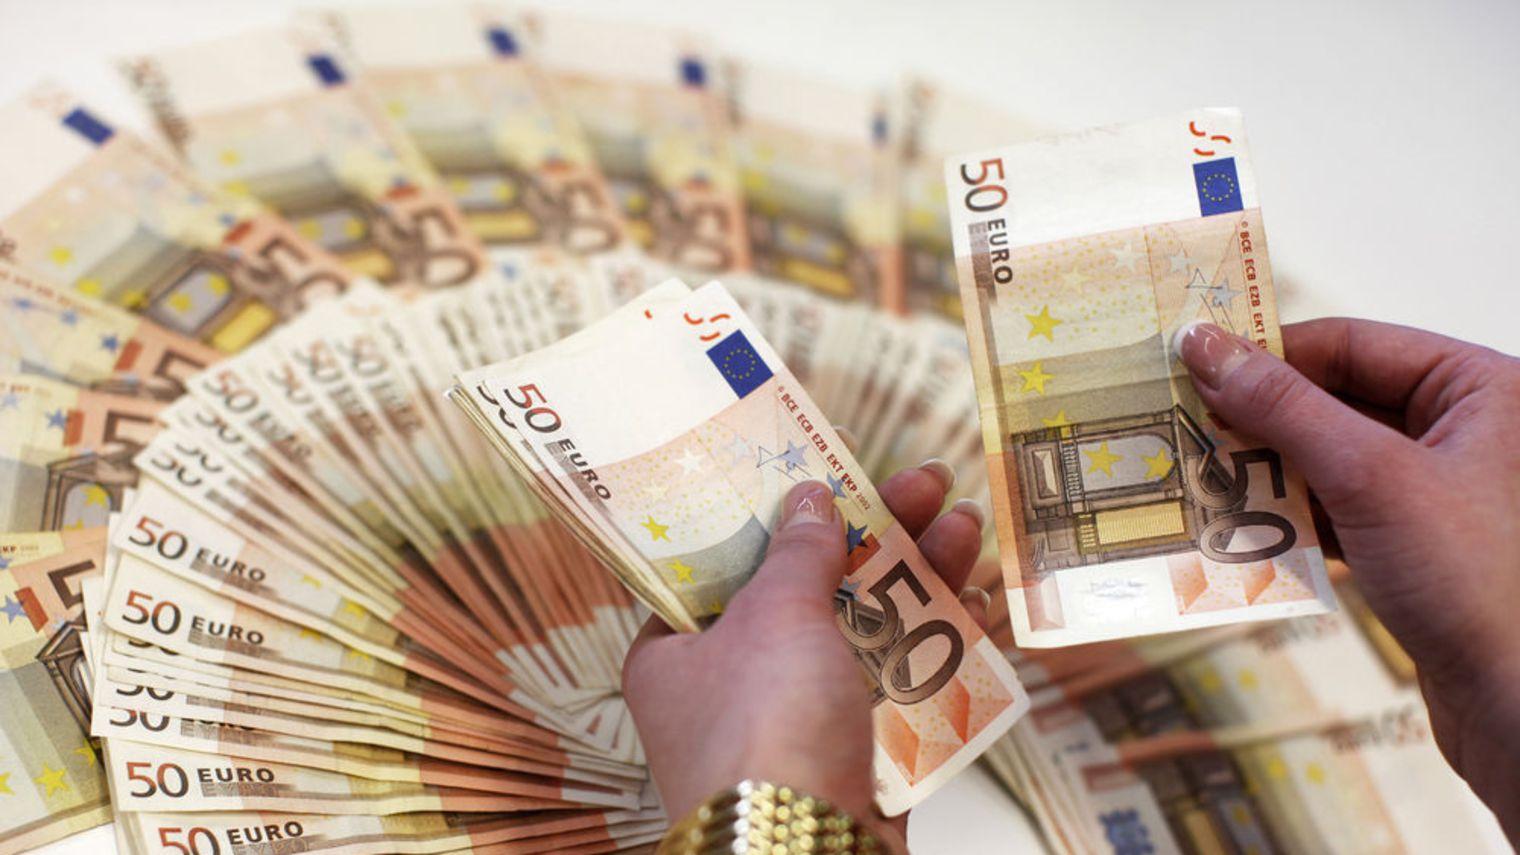 Trouver une assurance emprunteur au meilleur prix